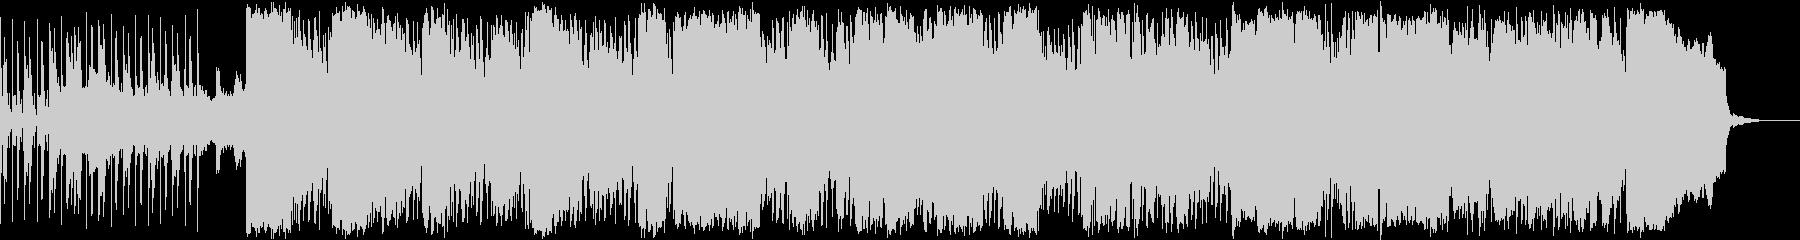 エスニック風BGMの未再生の波形